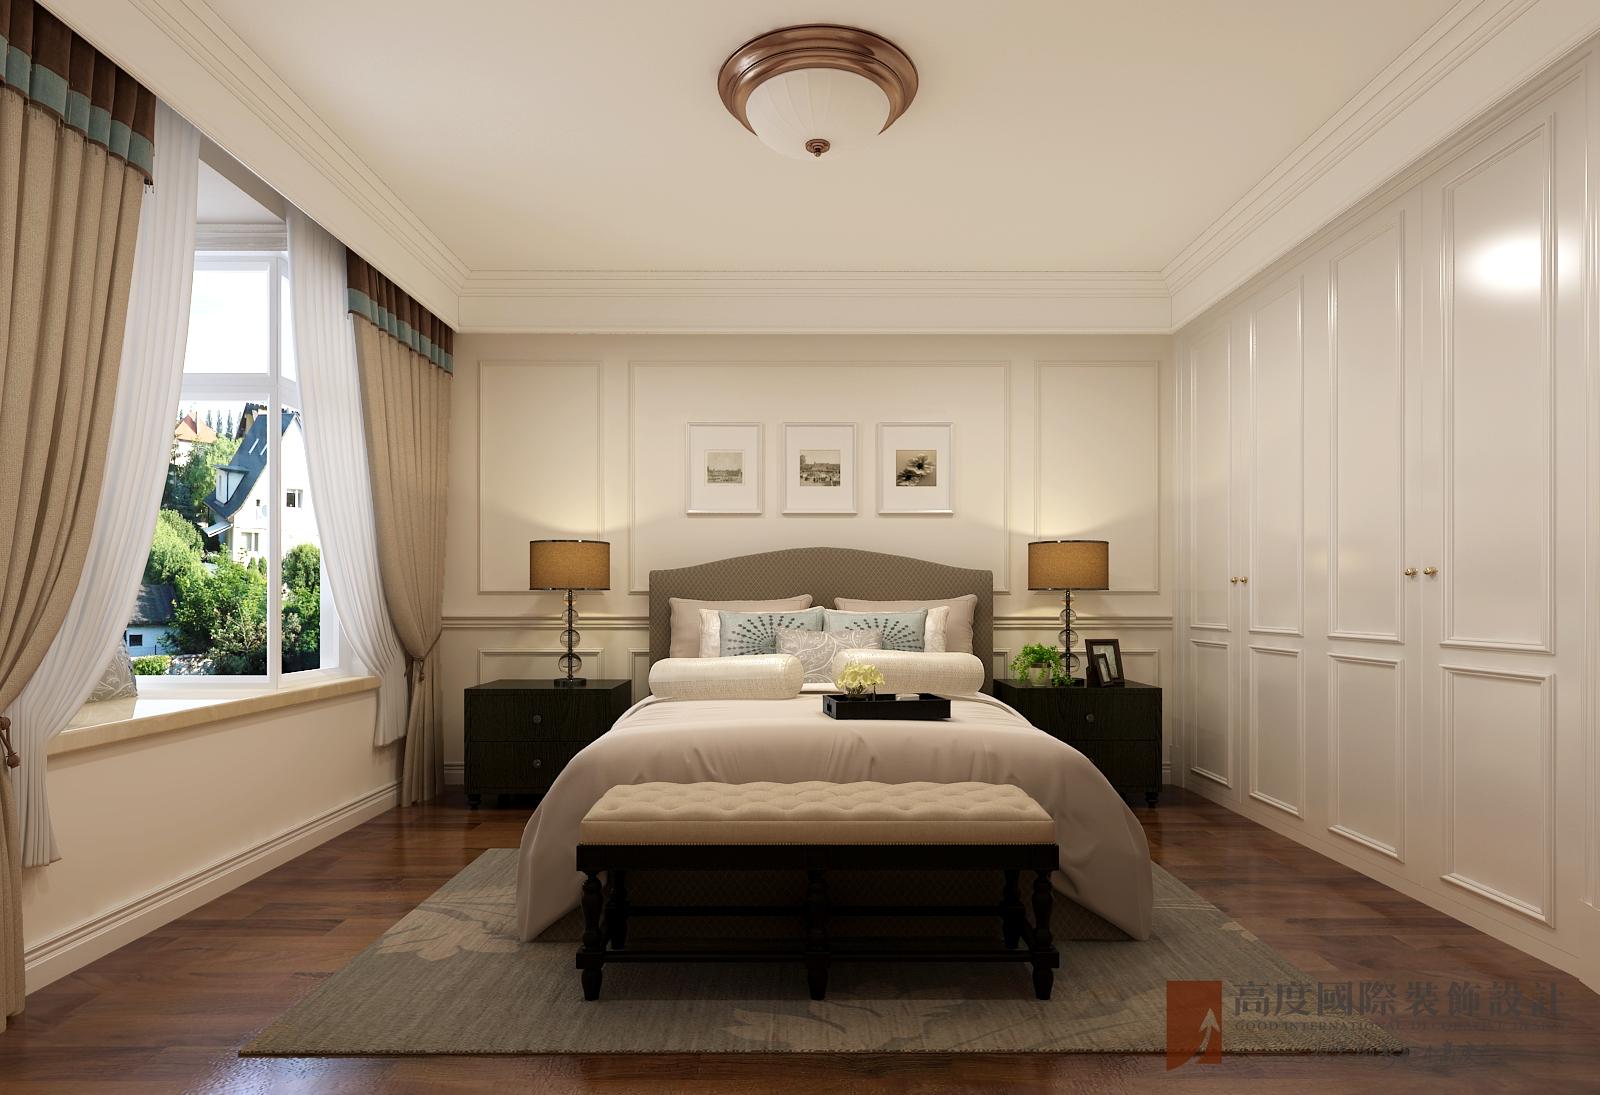 联排 简欧 卧室图片来自北京高度国际-陈玲在玫瑰御园——简欧风格的分享